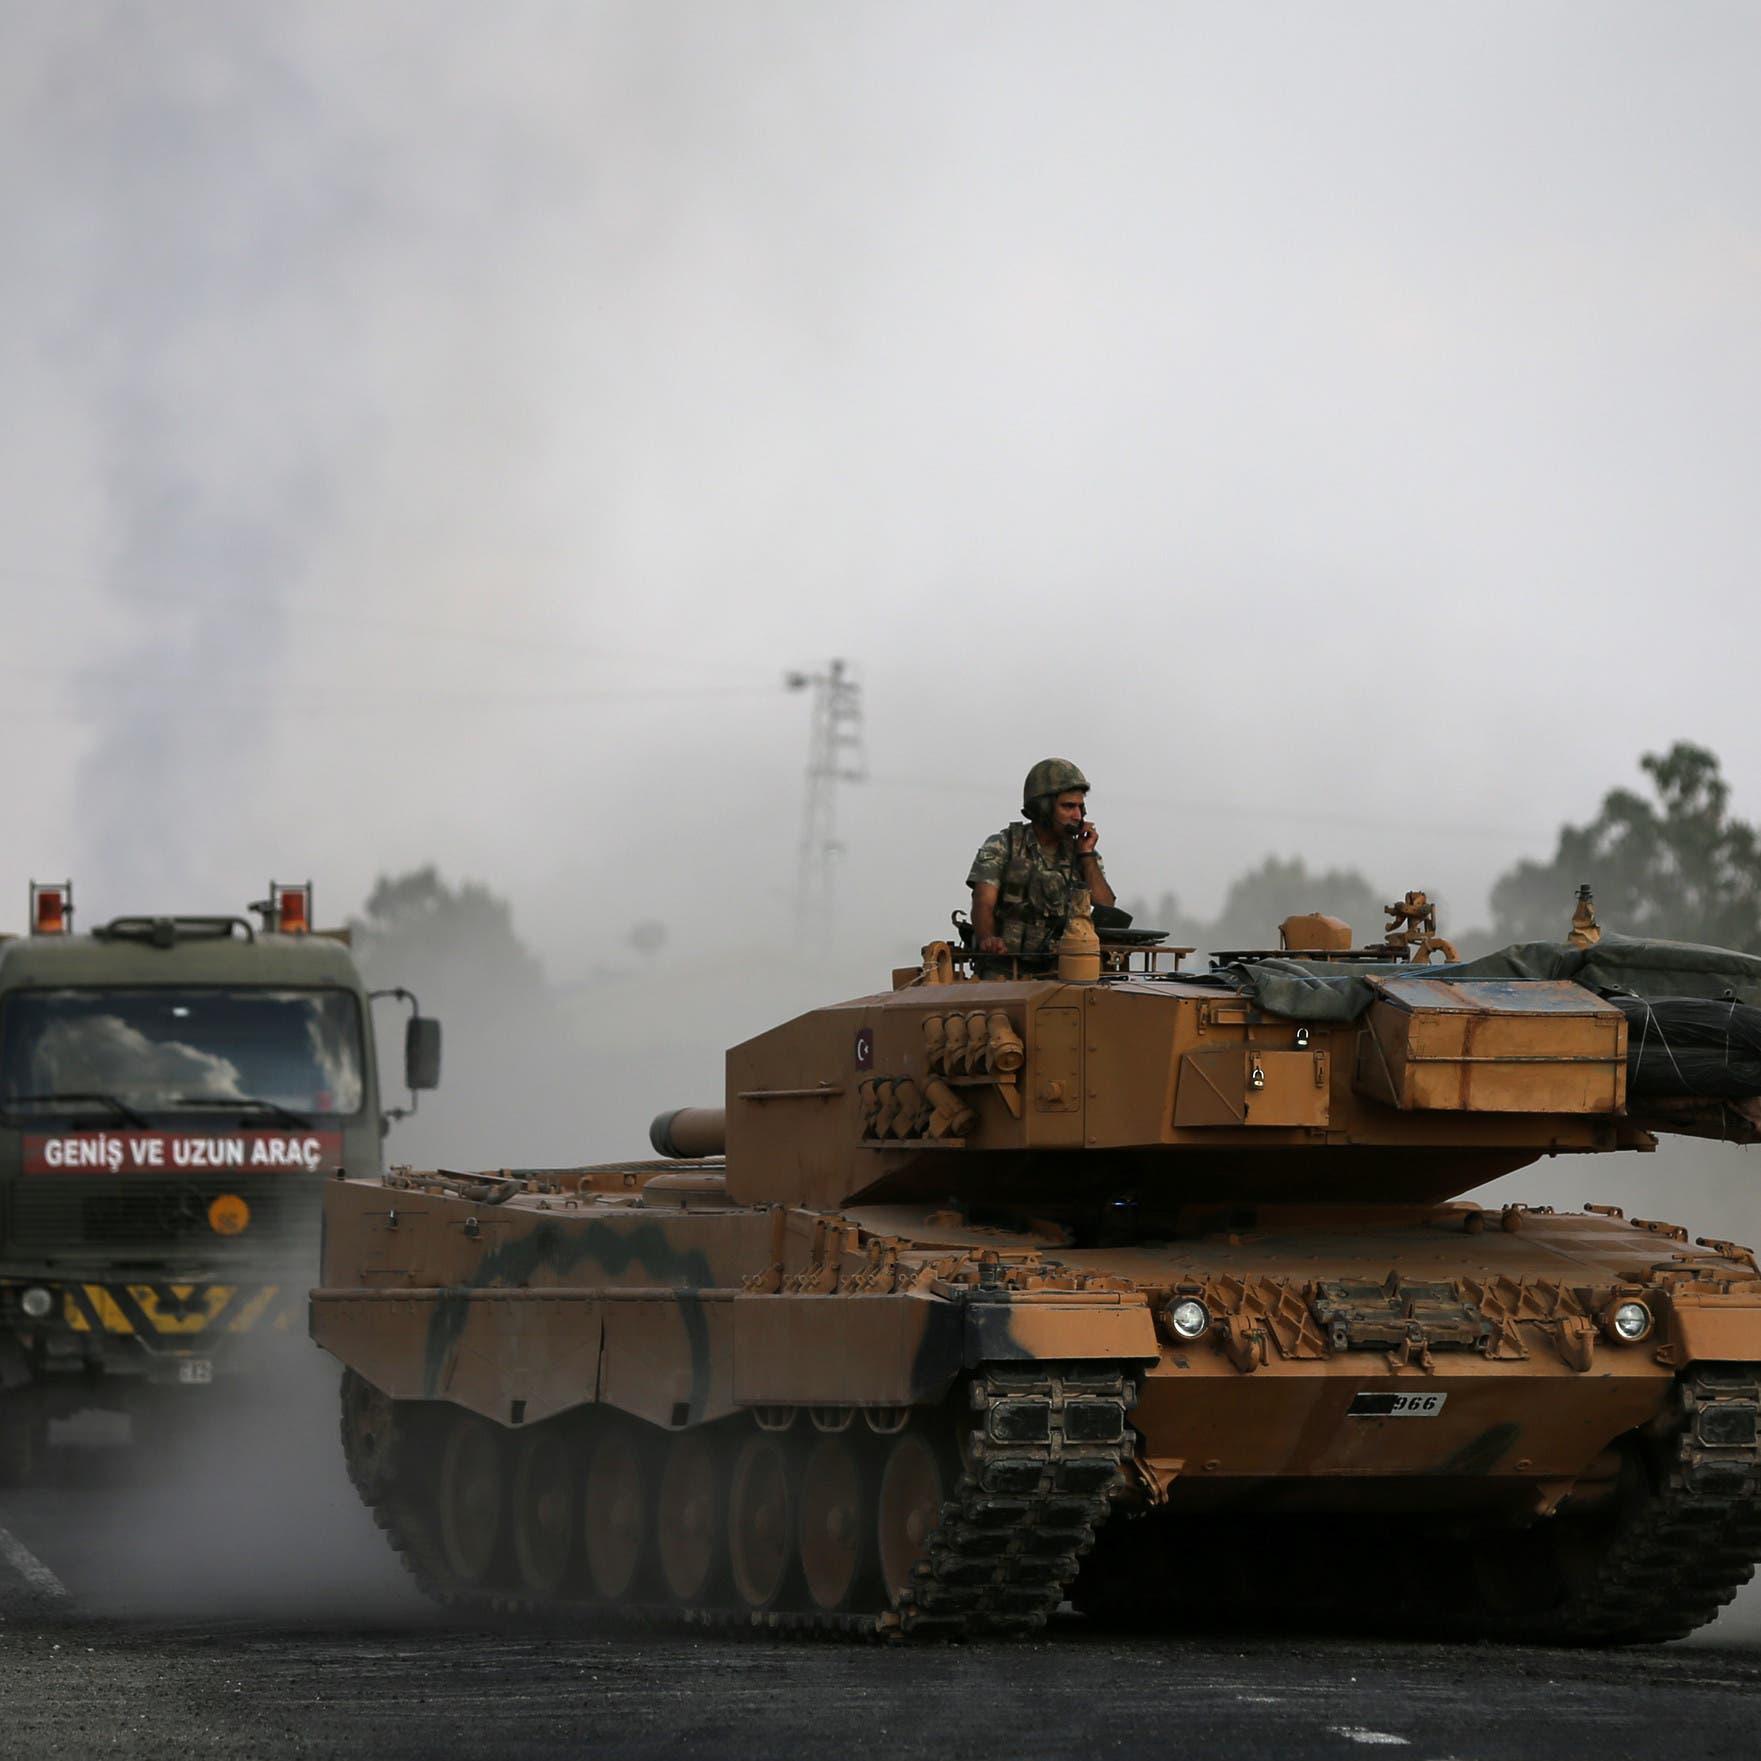 الجيش التركي.. قتلى بين جنوده في العراق وإصابات بسوريا